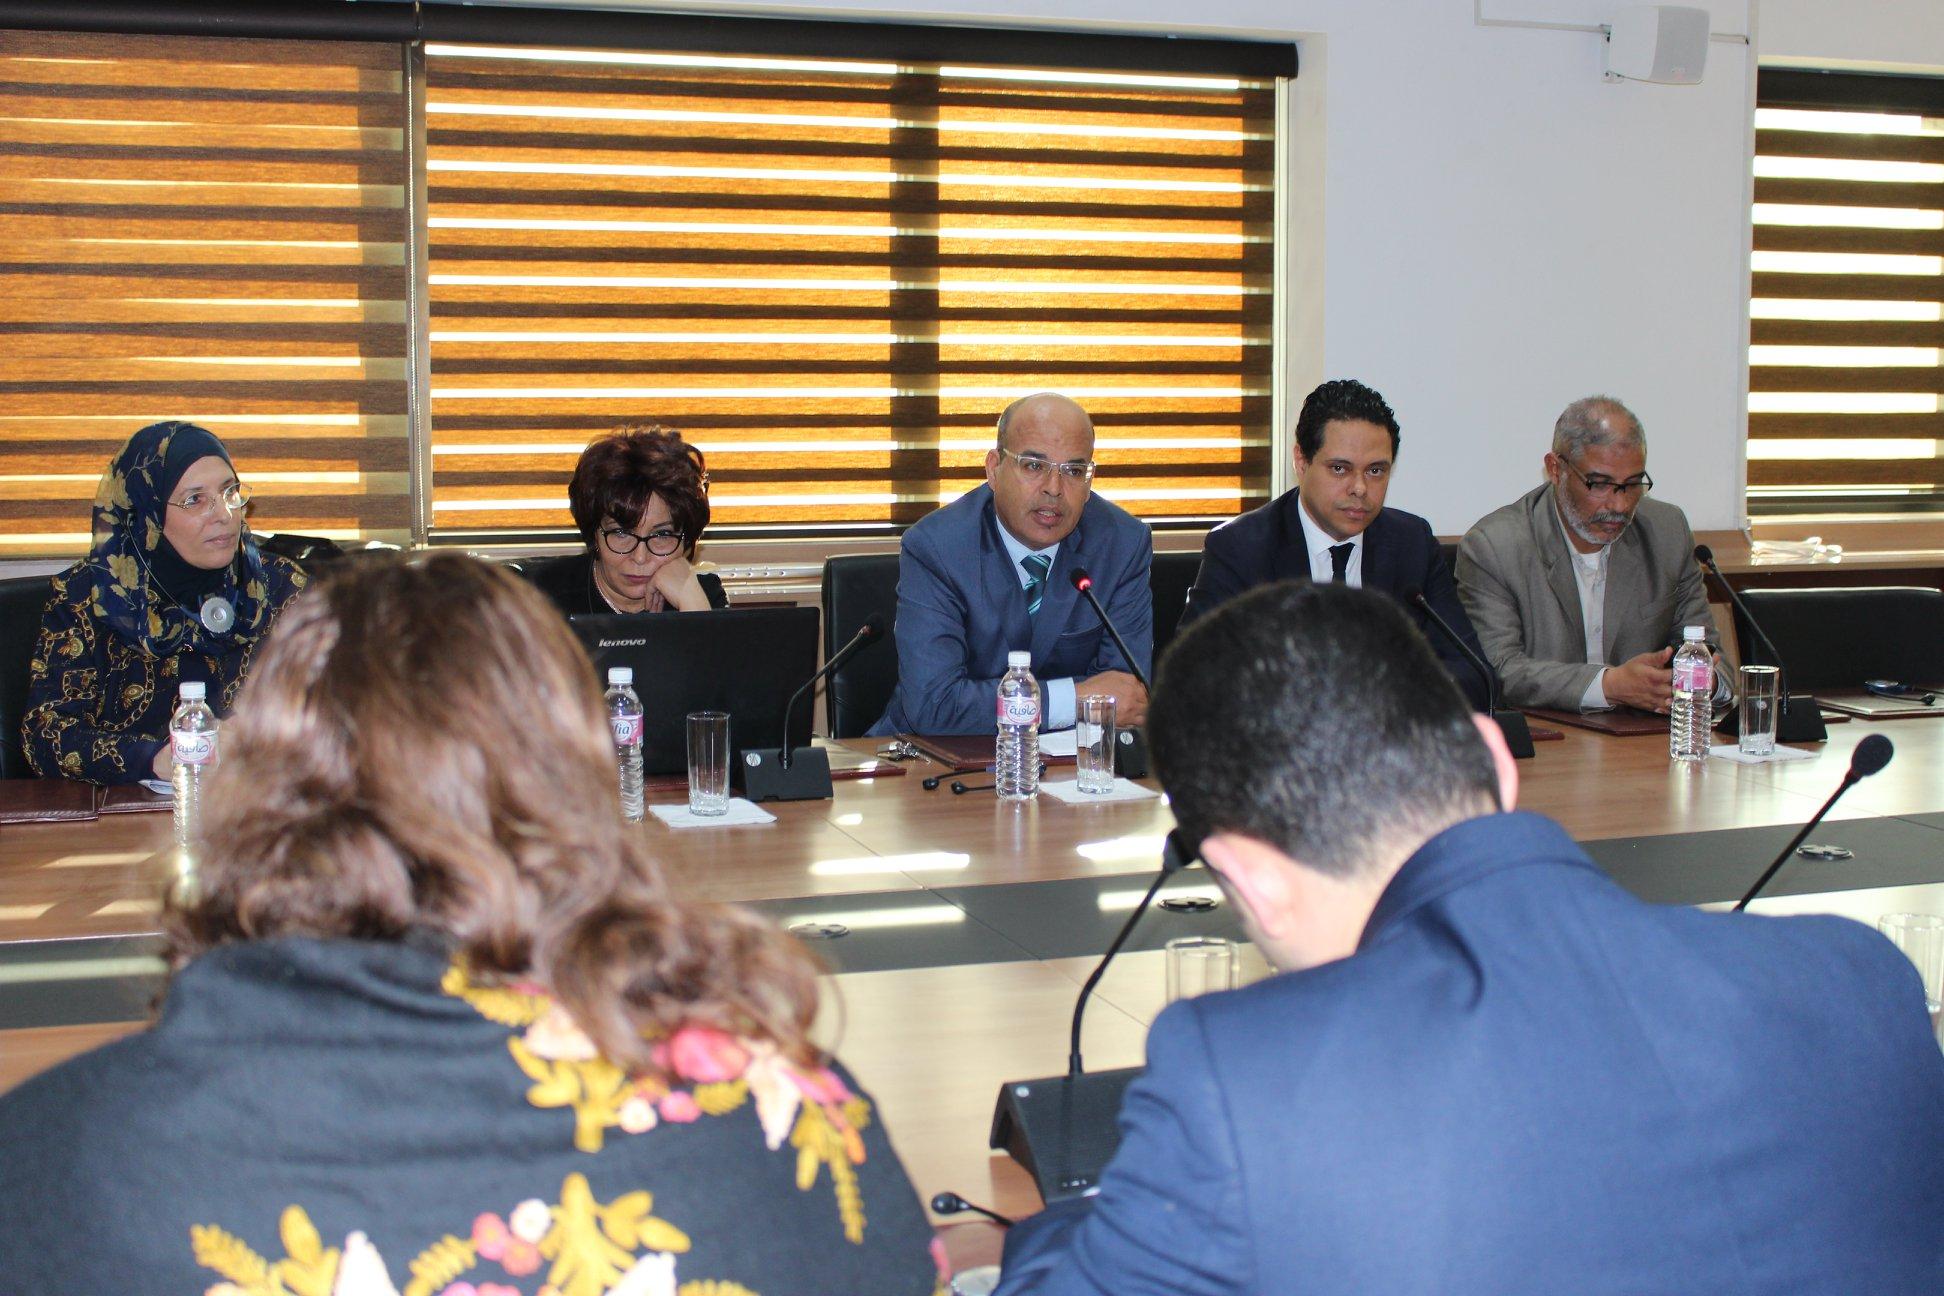 استقبال وفد أرميني ووممثلين عن المركز الدولي للعدالة الإنتقالية